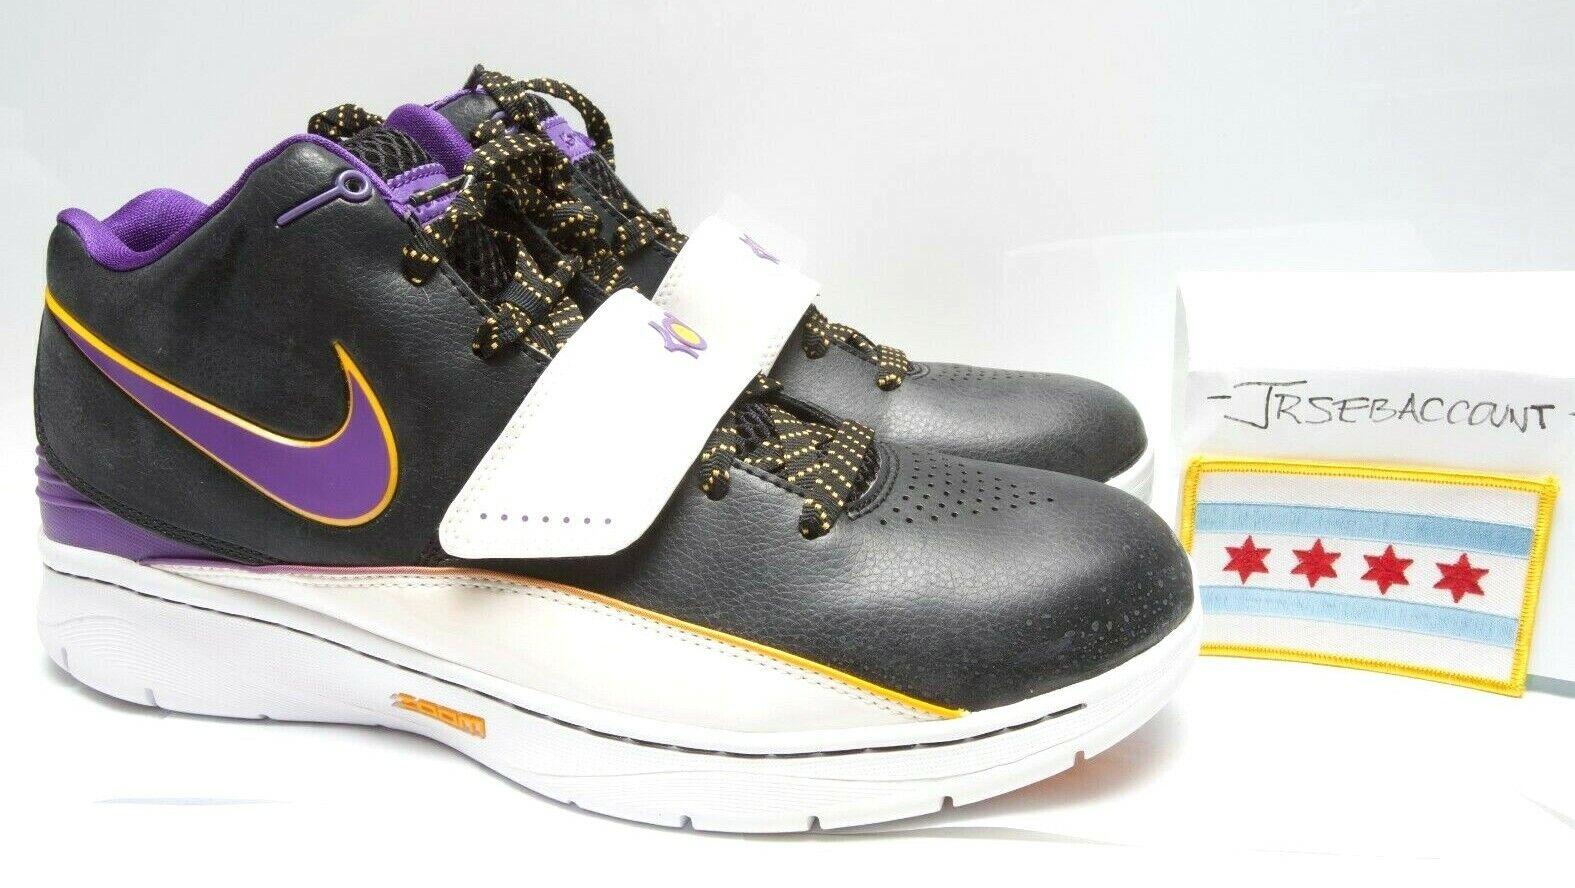 Nike Zoom KD II 2 - Lakers   PG Jaguars AAU - Size 11 - 386423-002